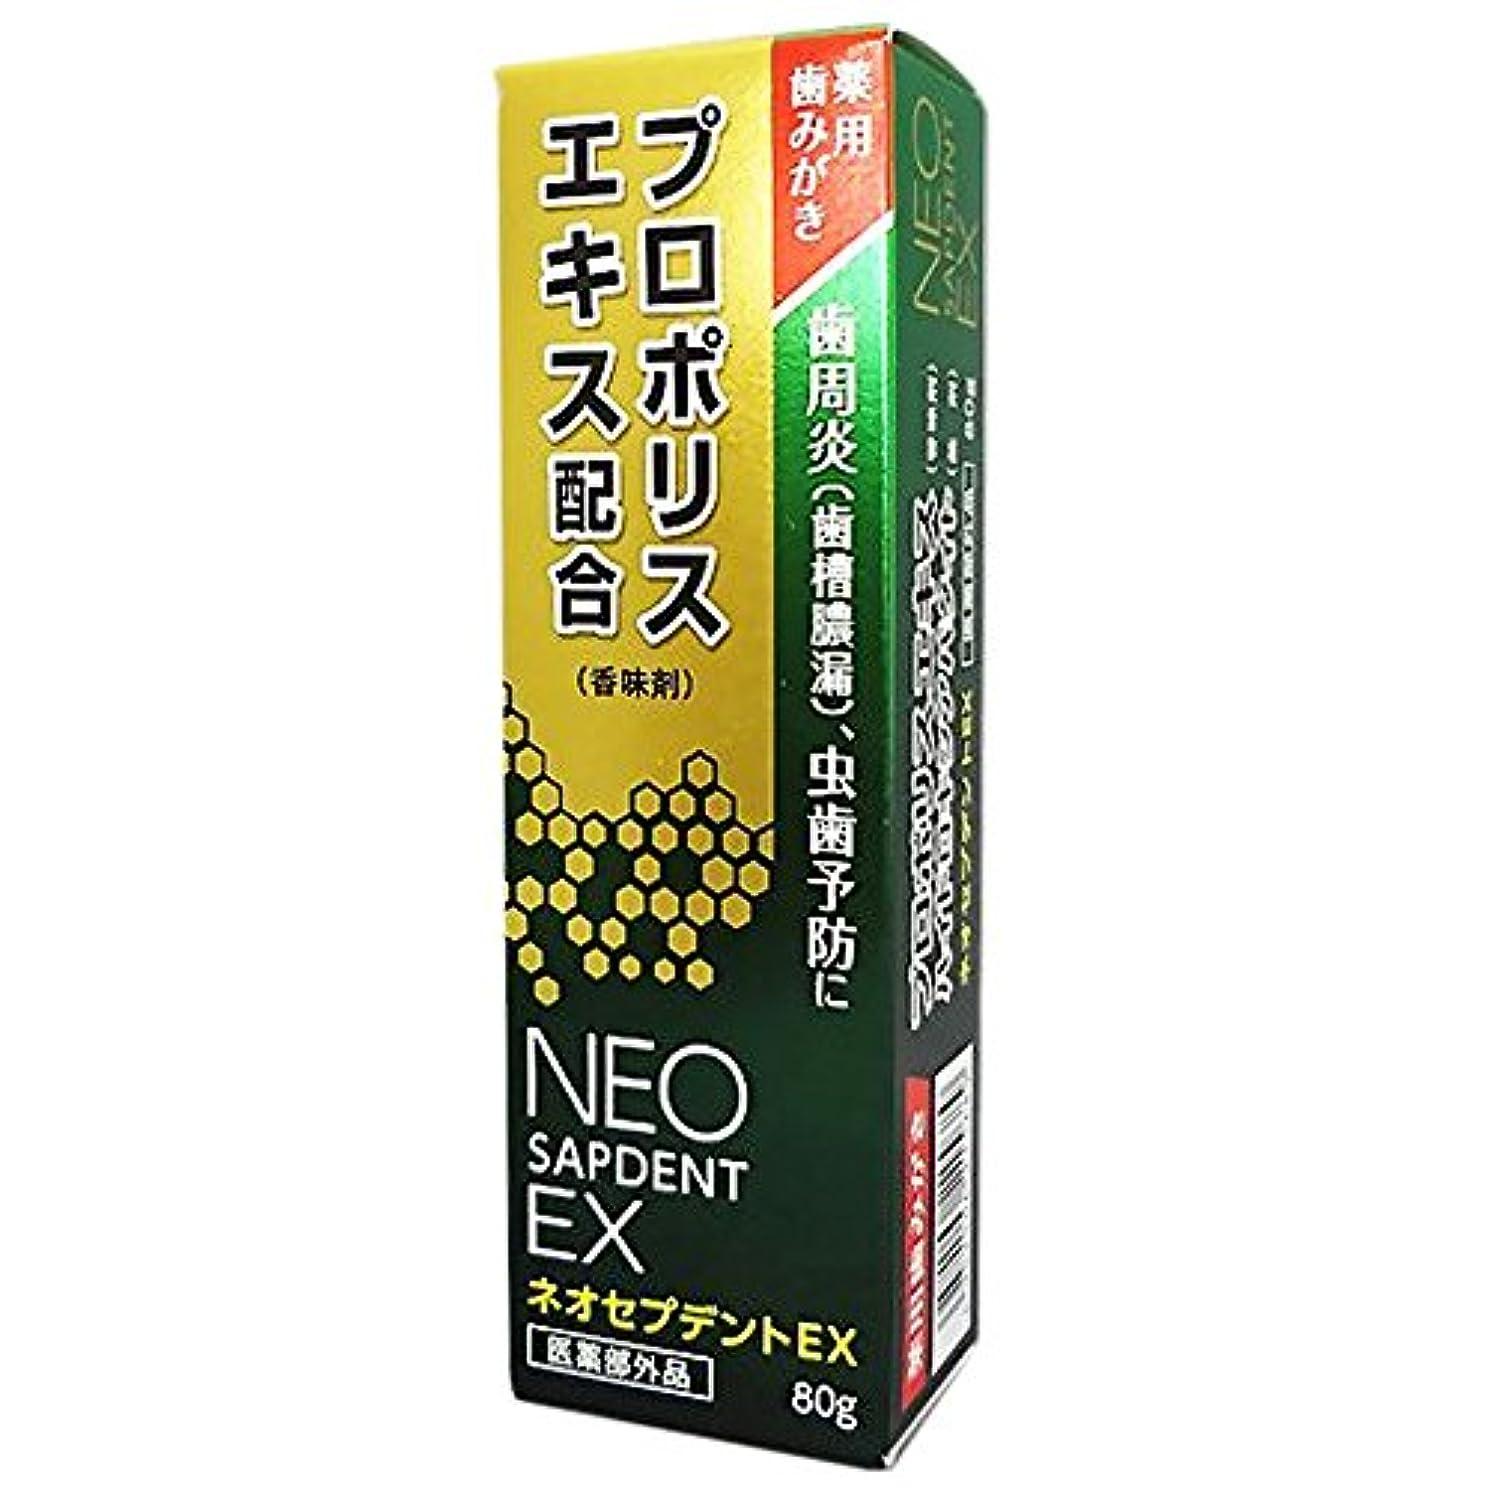 インスタント設計図列挙する森川健康堂 ネオセプデントEX 80g